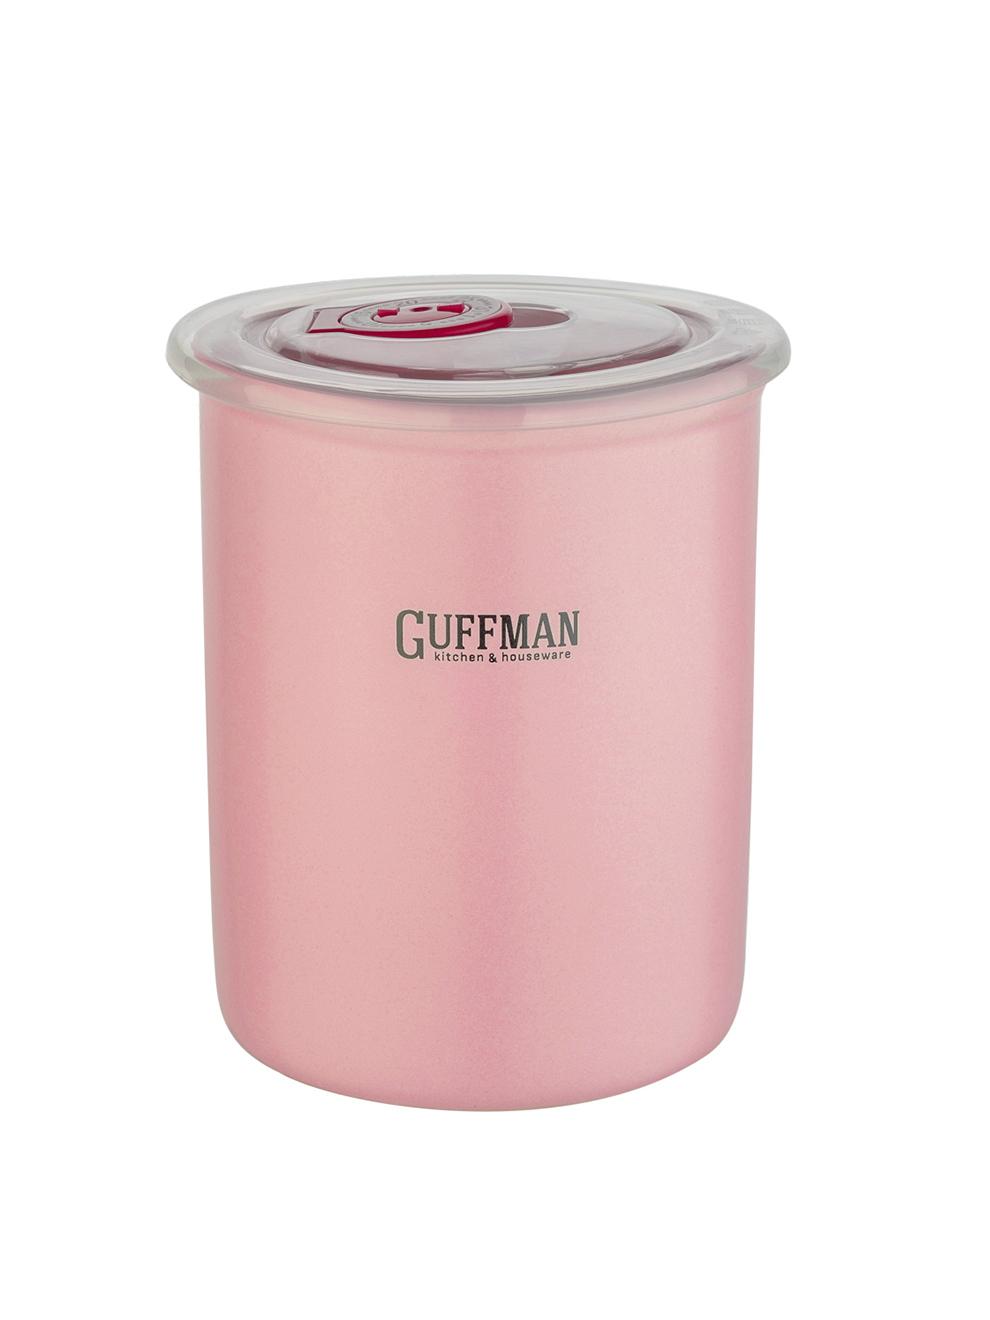 Банка керамическая с крышкой 0,6л Guffman розовая